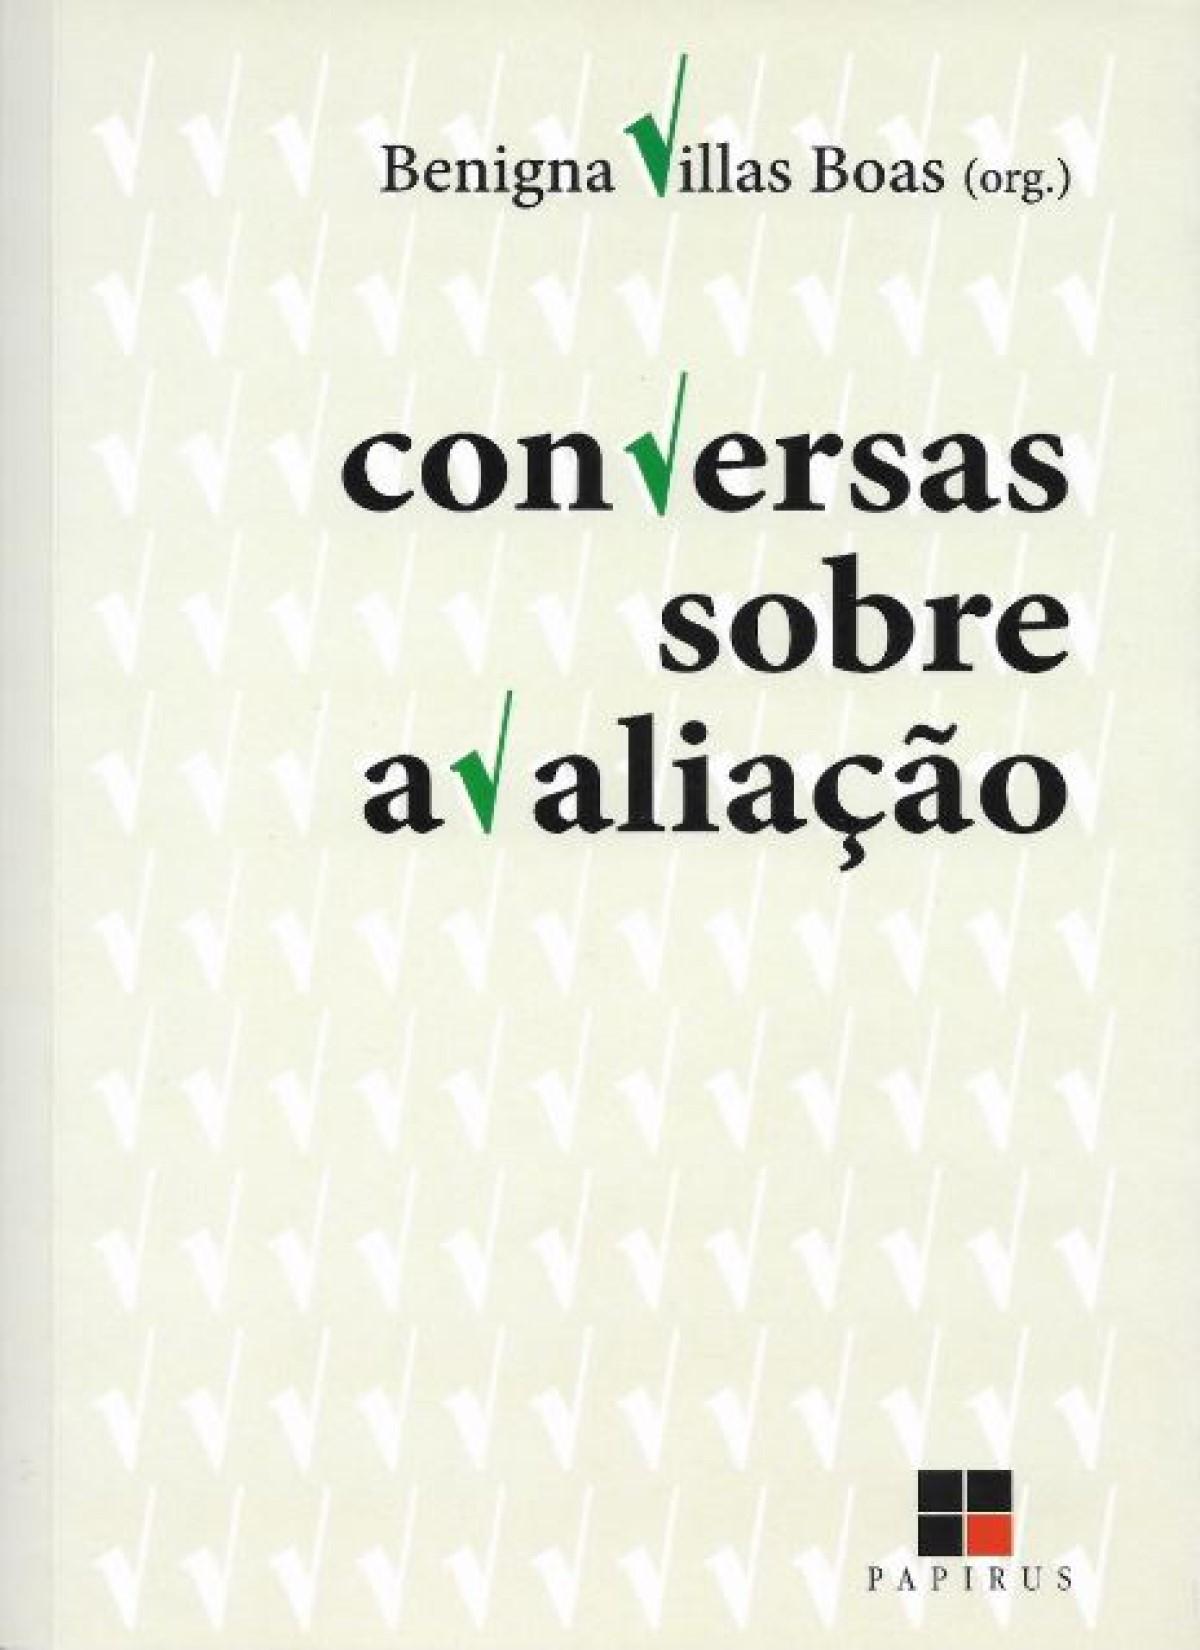 Livro Conversas sobre avaliação 1